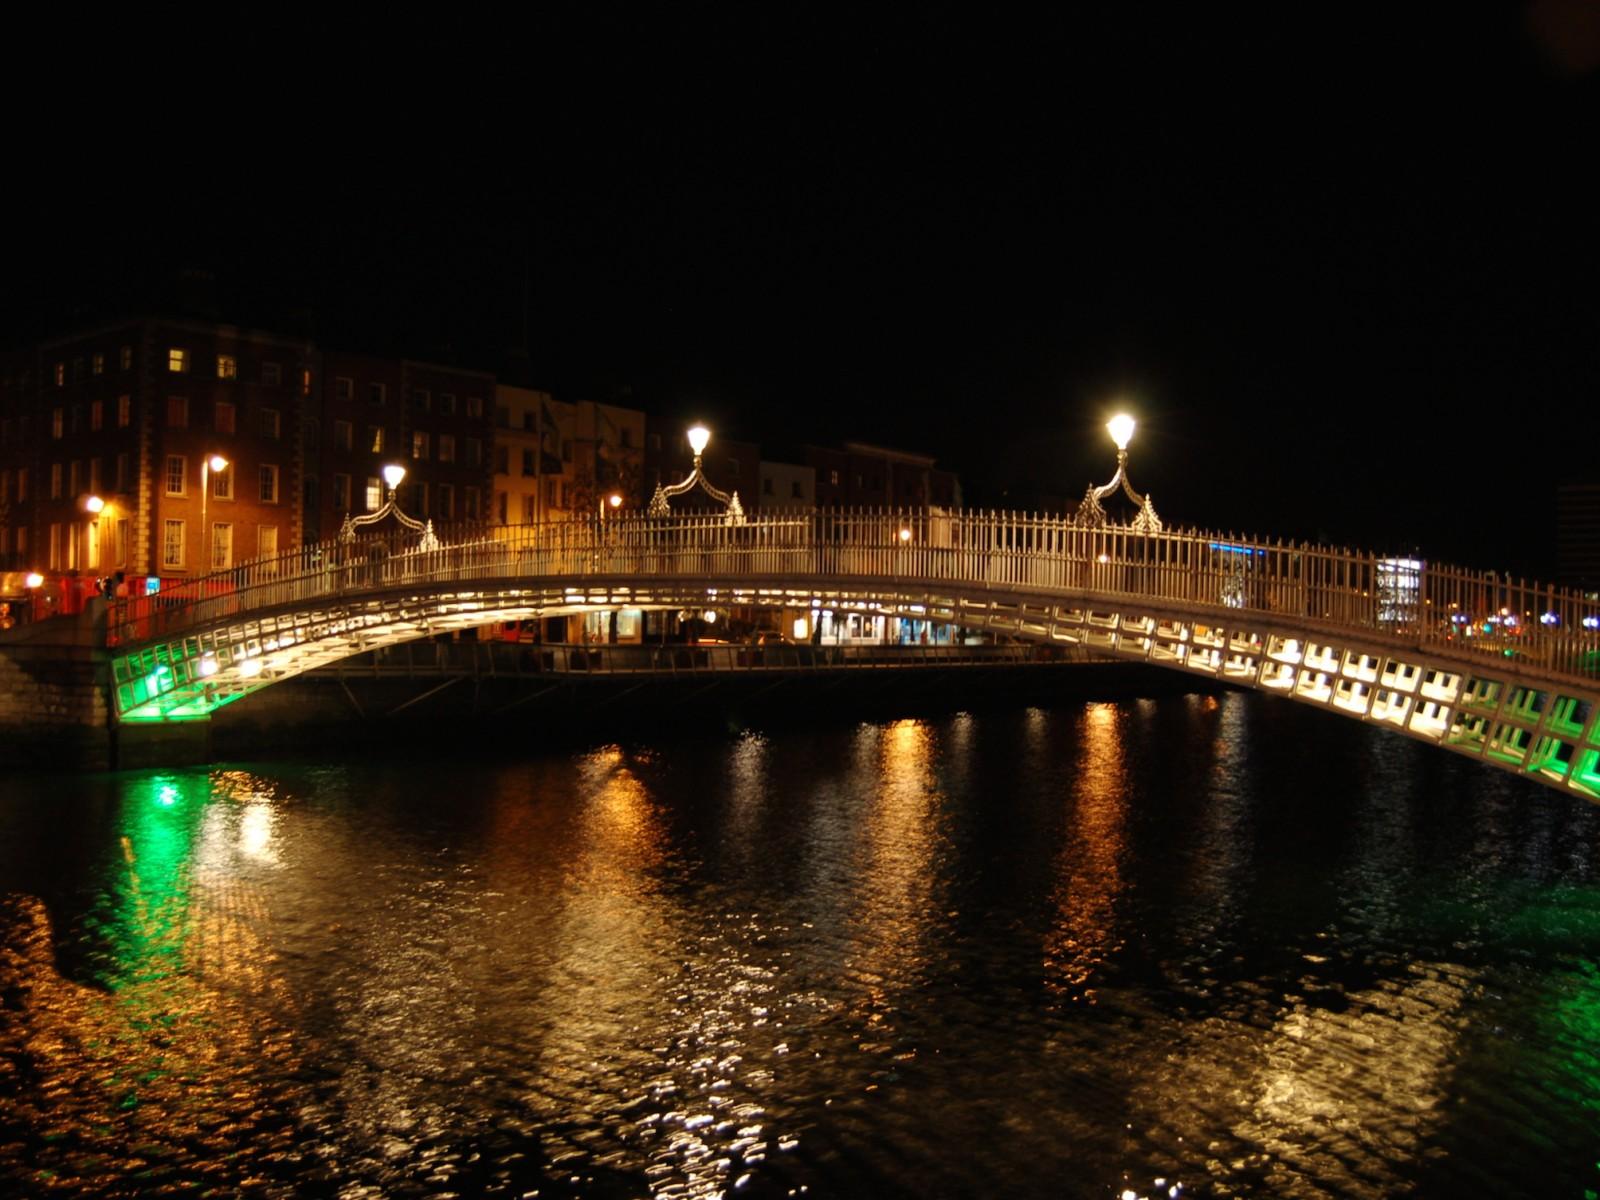 Hapenny Bridge Dublin Ireland Wallpaper   Downloads 1600x1200